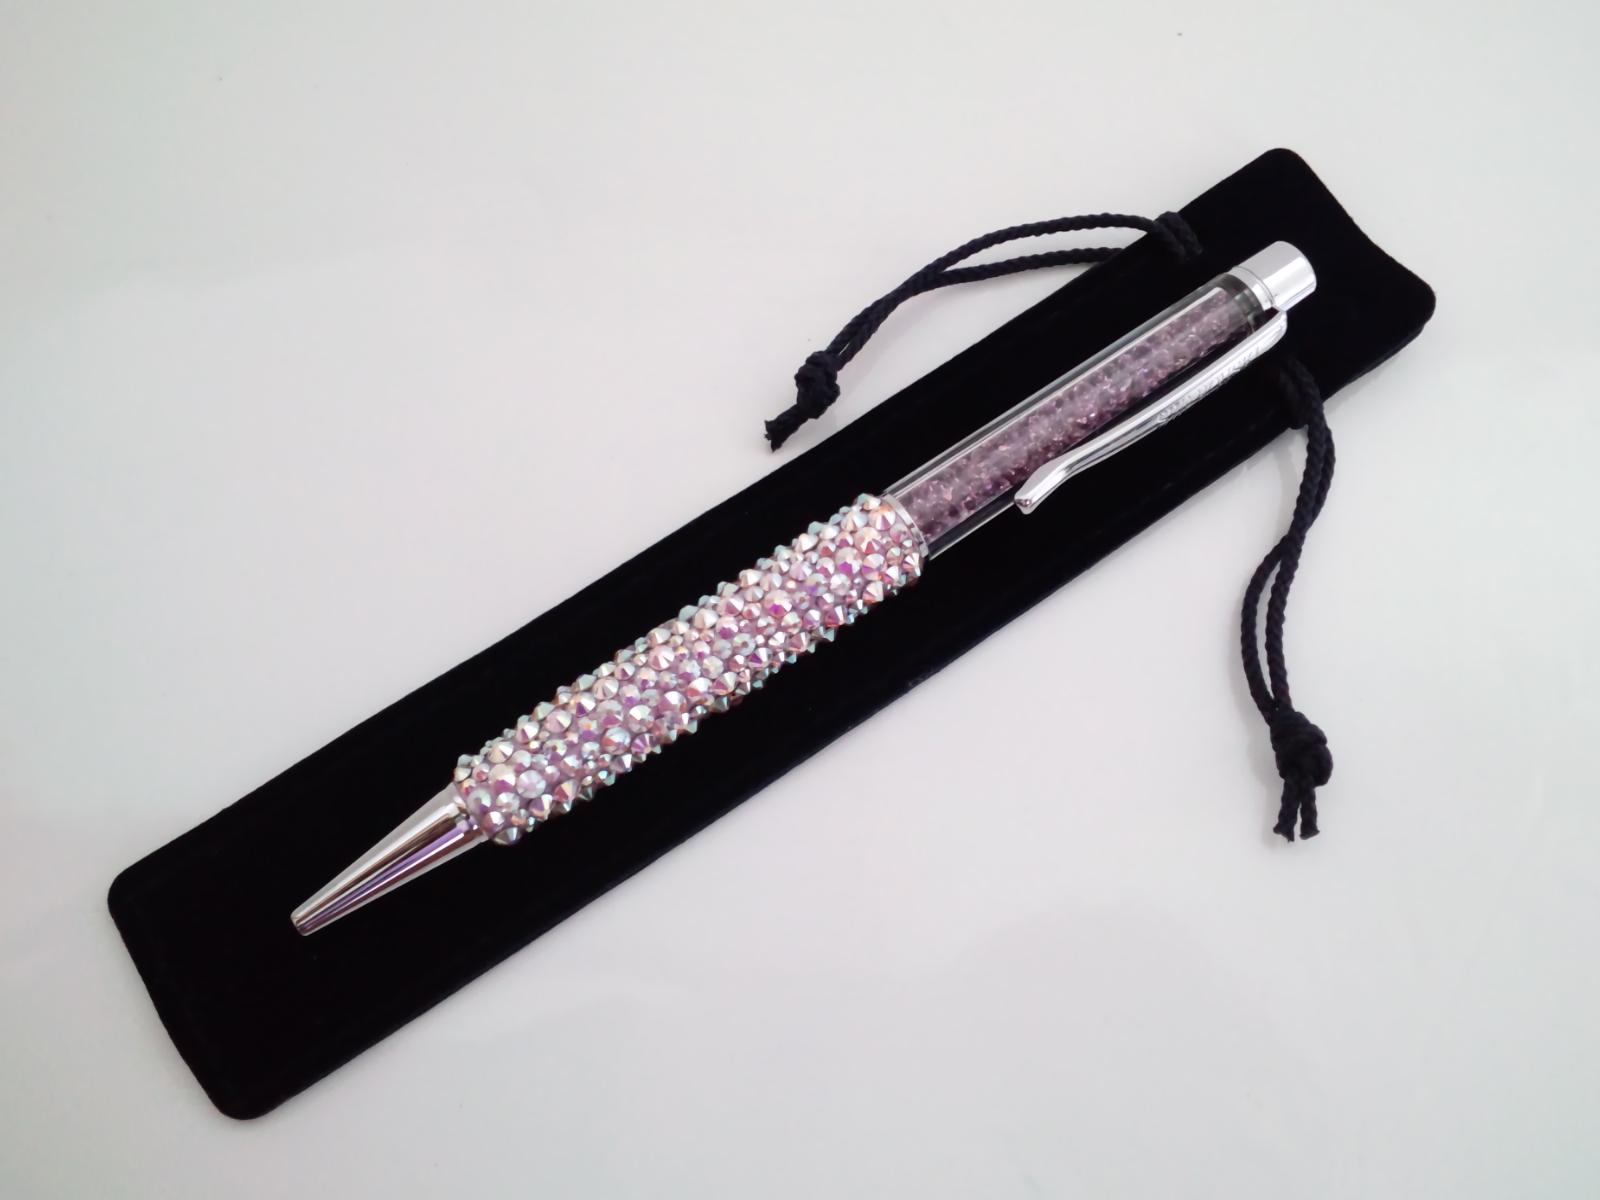 スワロボールペン『SWAROVSKI パープルパール ボールペン』袋付き